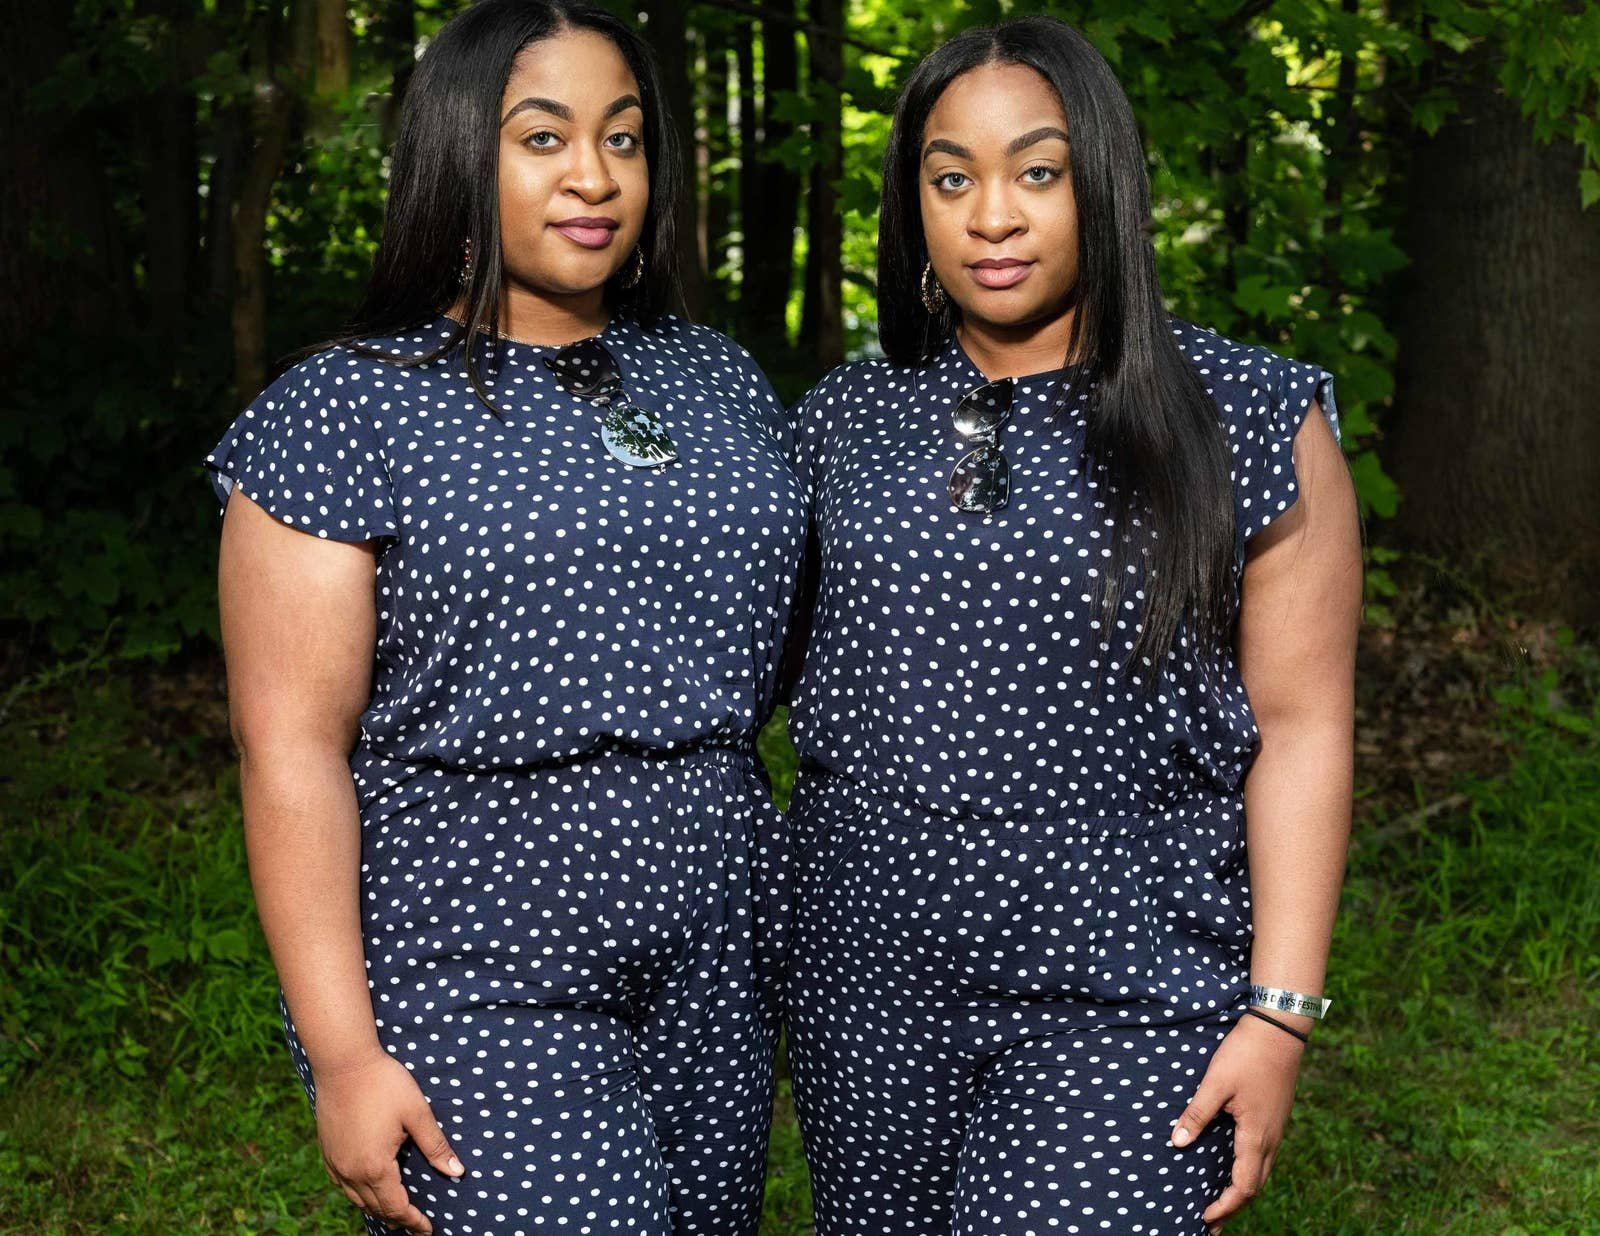 17 кадров во всех красках демонстрирующих связь между близнецами